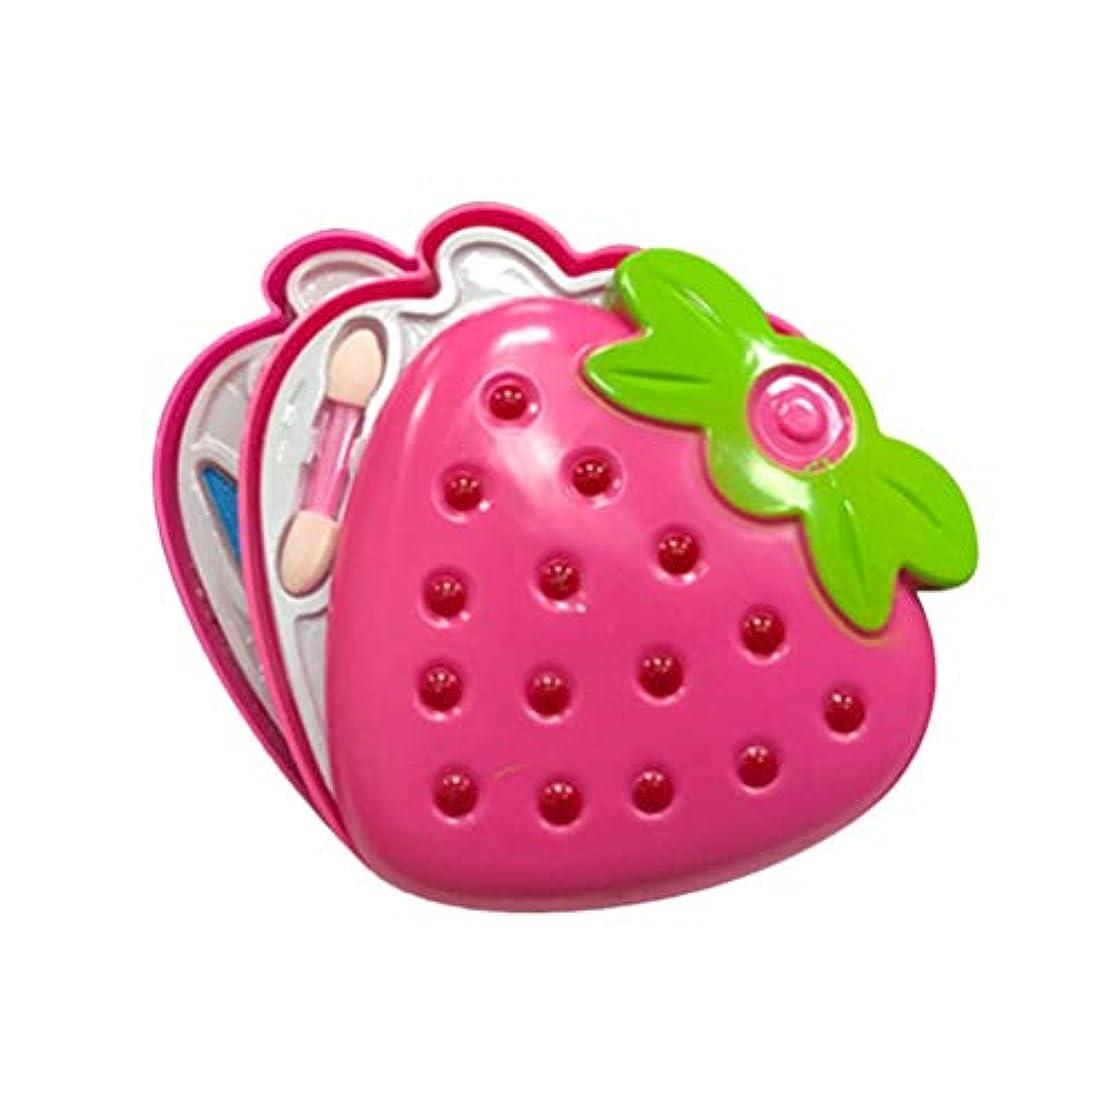 プラカードモスク母Toyvian キッズガールズメイクアップセット三層化粧品美容キット美容セット子供のためのミラー